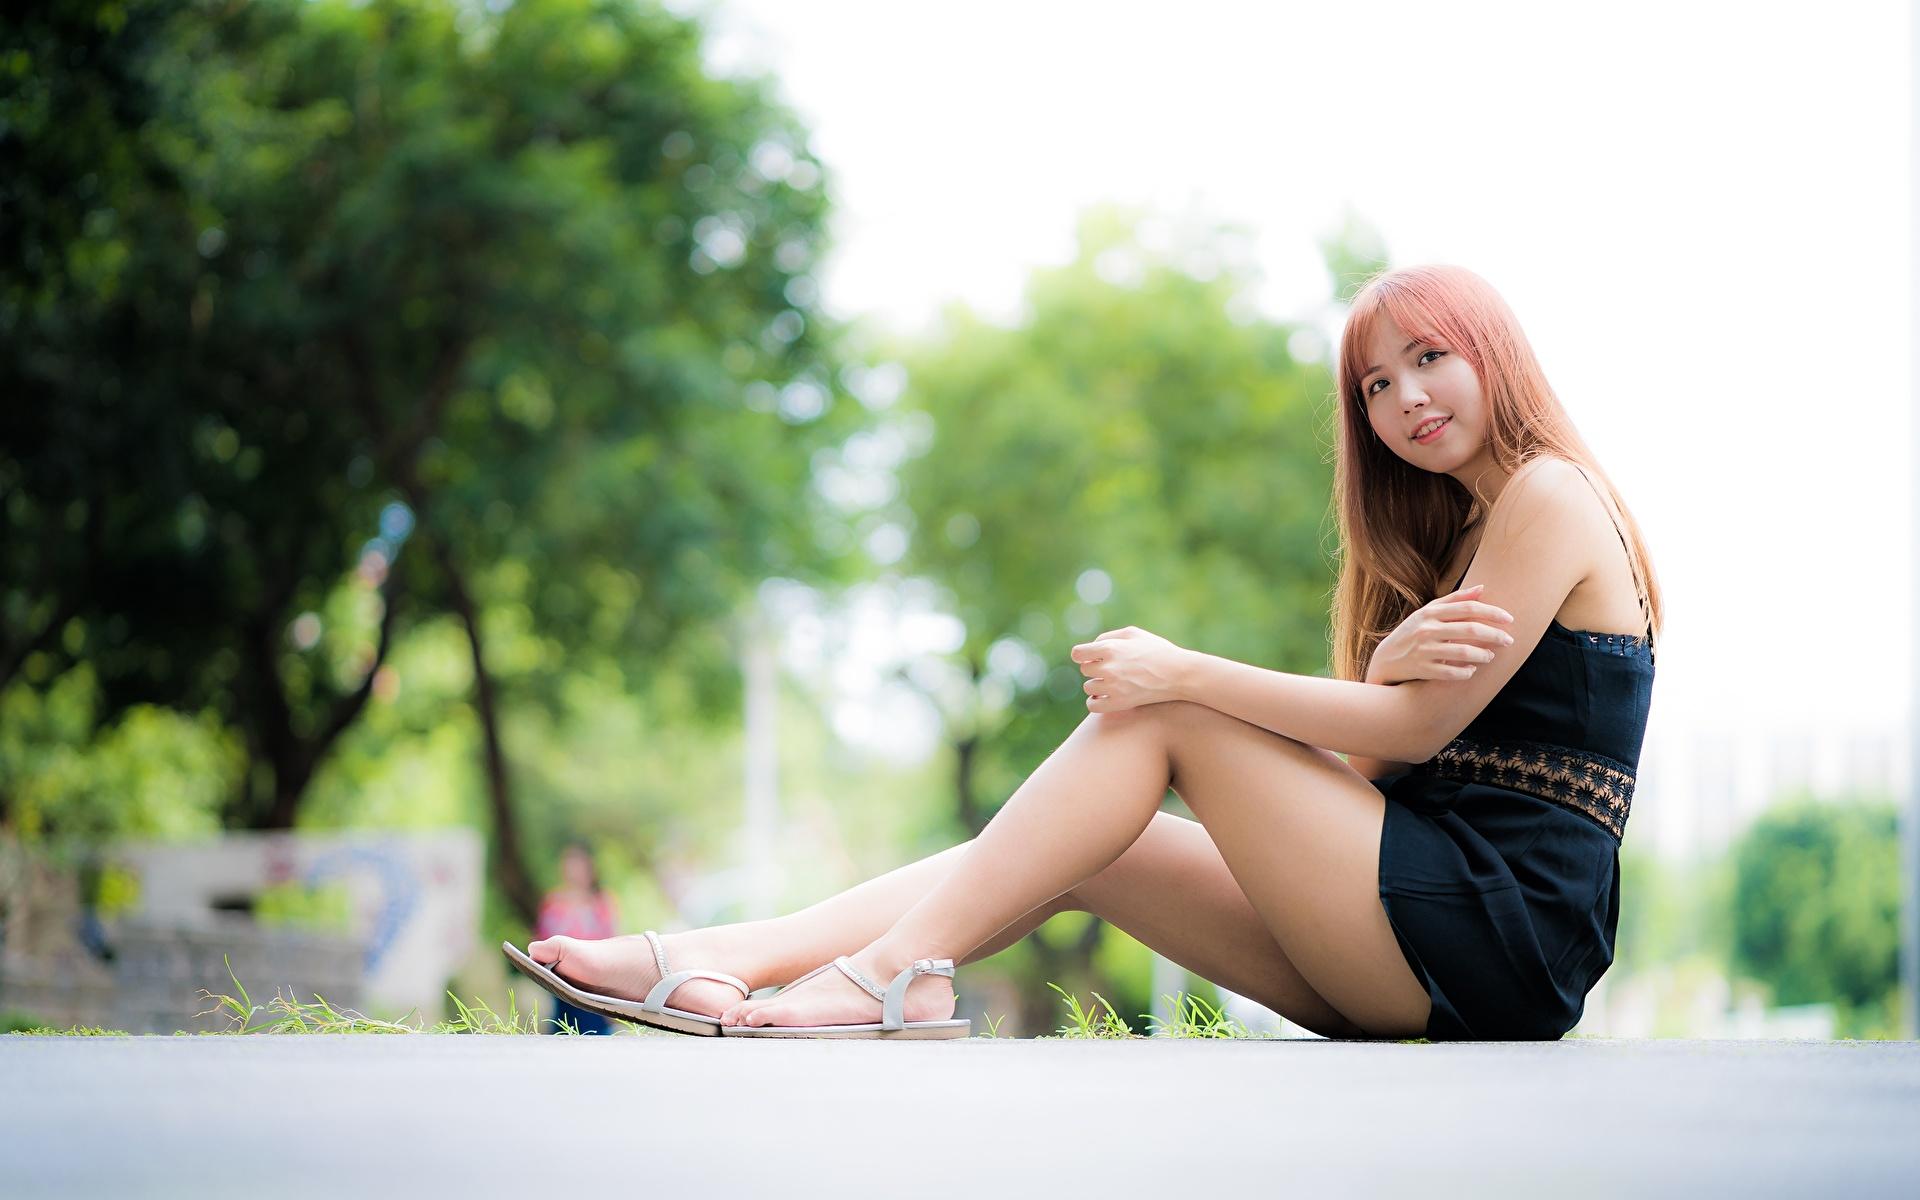 Afbeeldingen Glimlach Bokeh jonge vrouw Benen Aziaten hand zittend 1920x1200 onscherpe achtergrond Jonge vrouwen aziatisch Handen Zitten